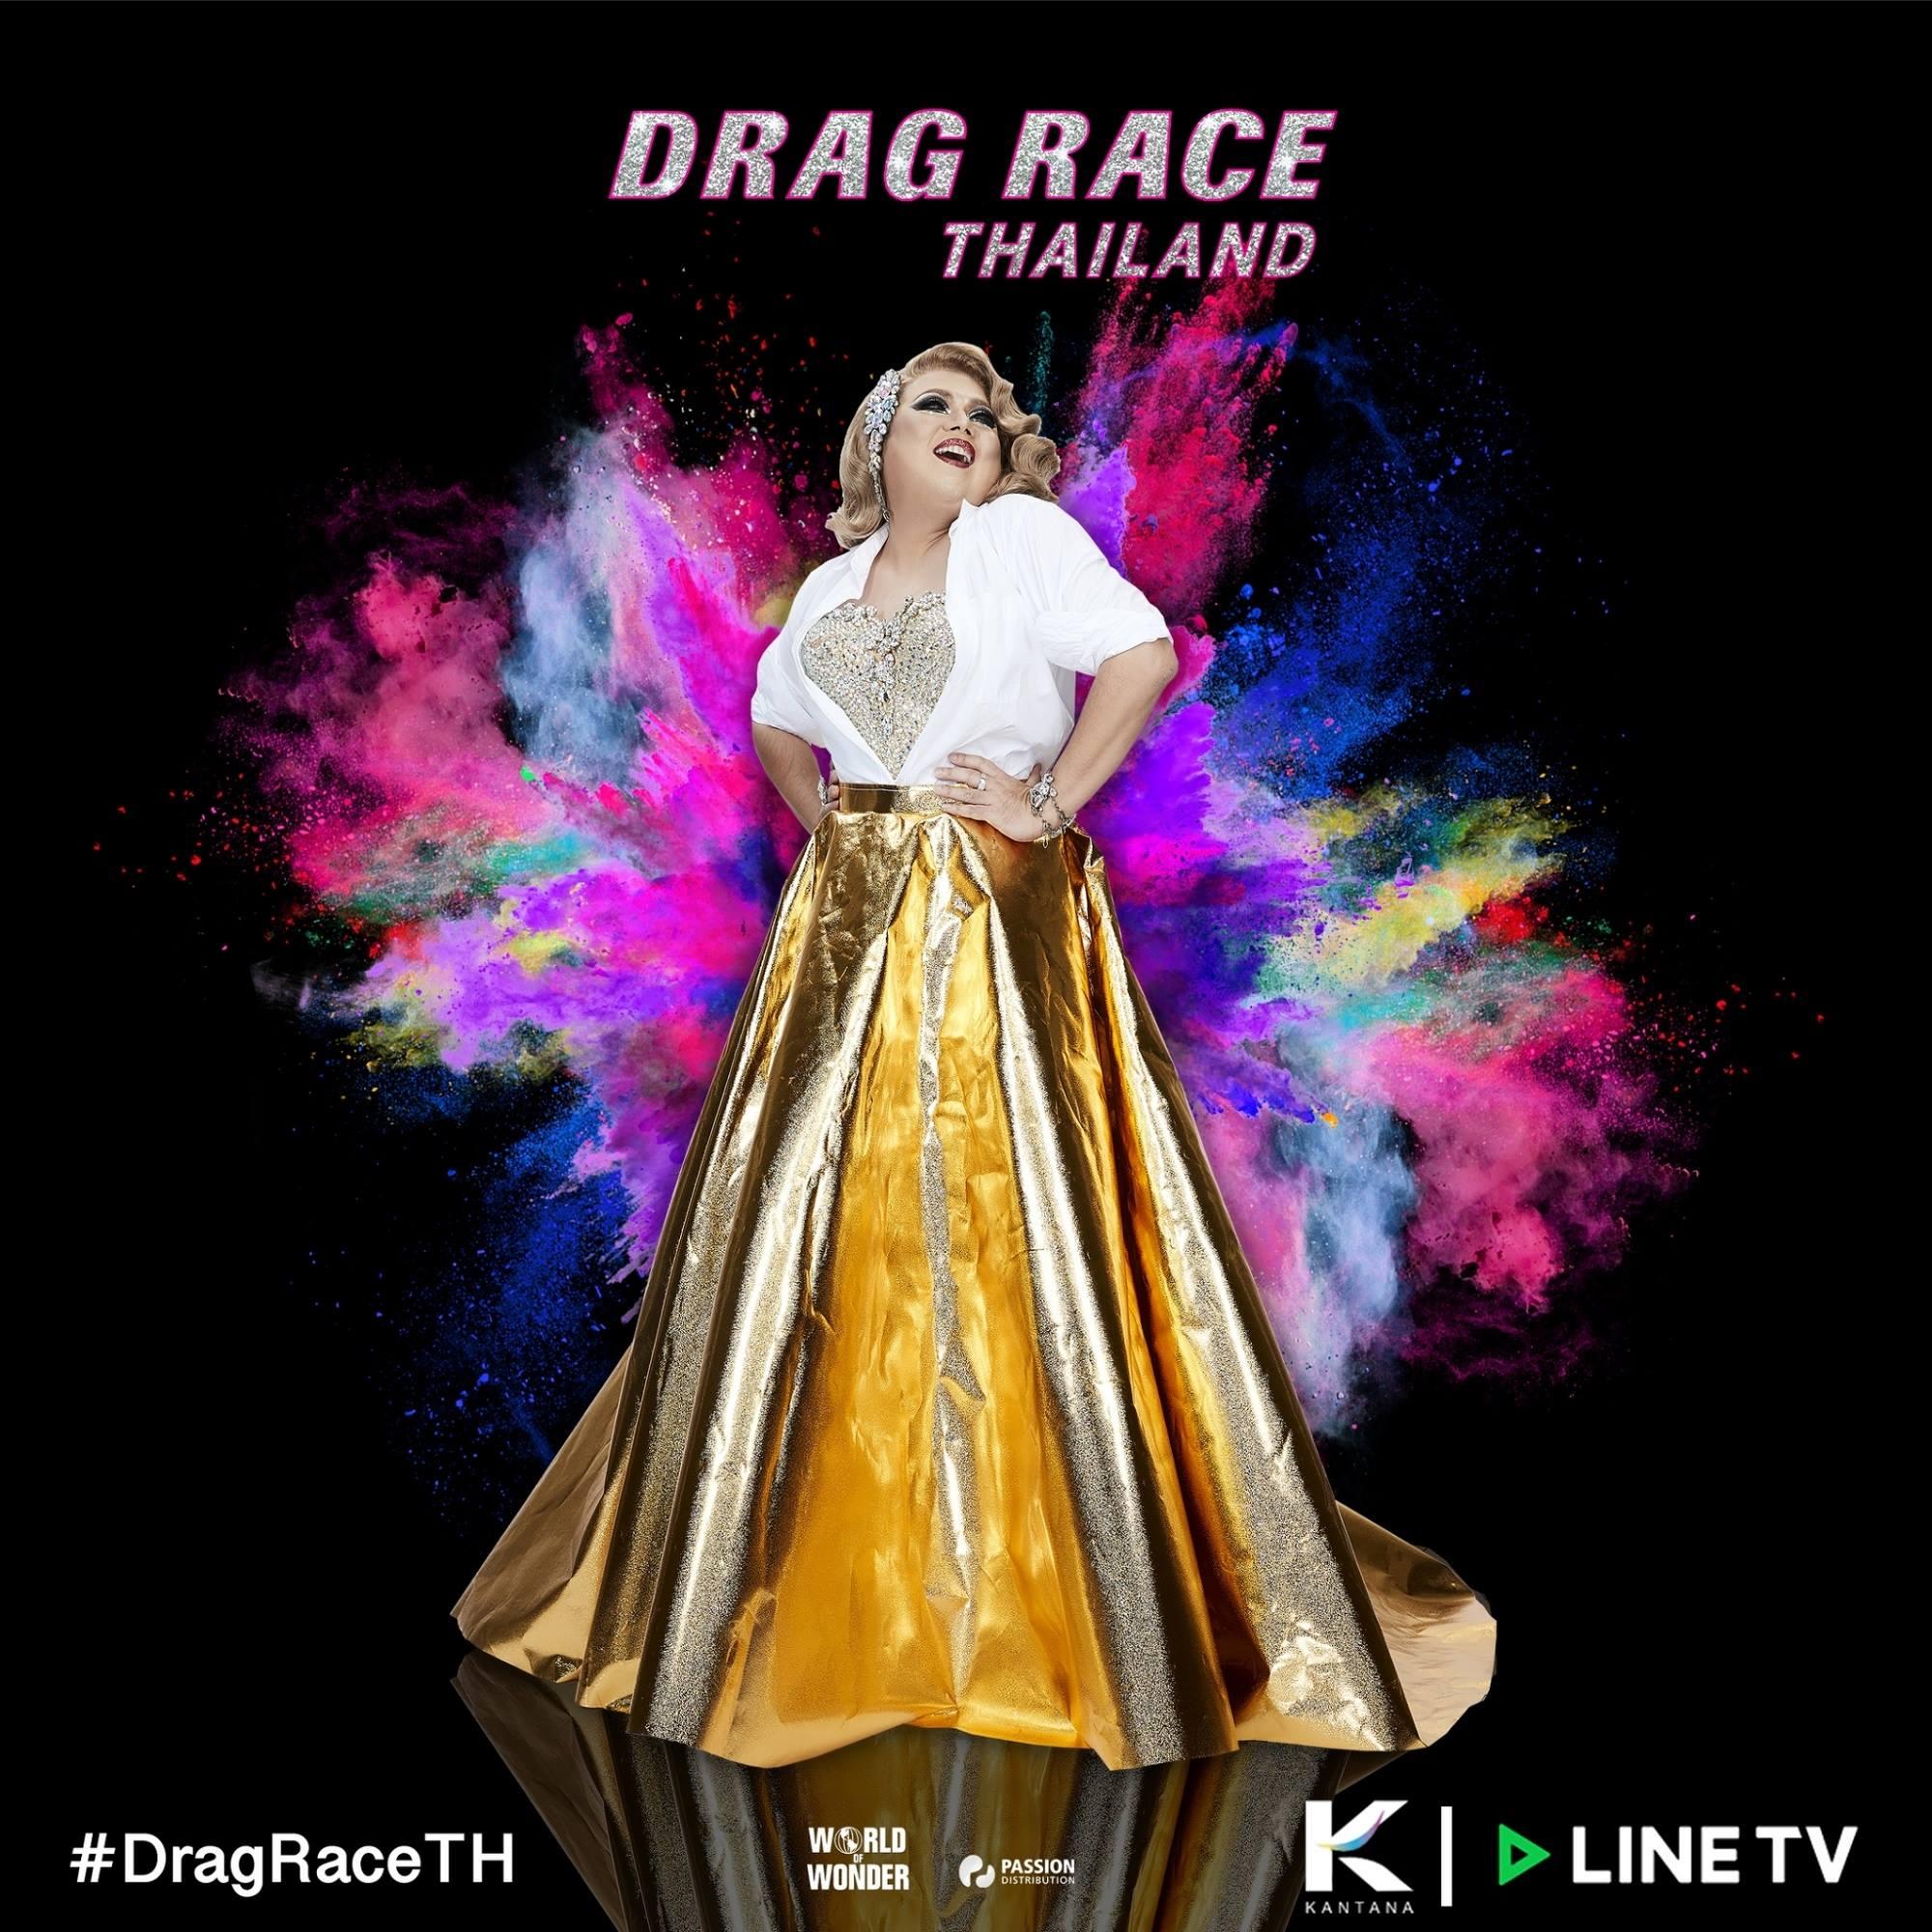 rupaul's drag race thailand cast 9